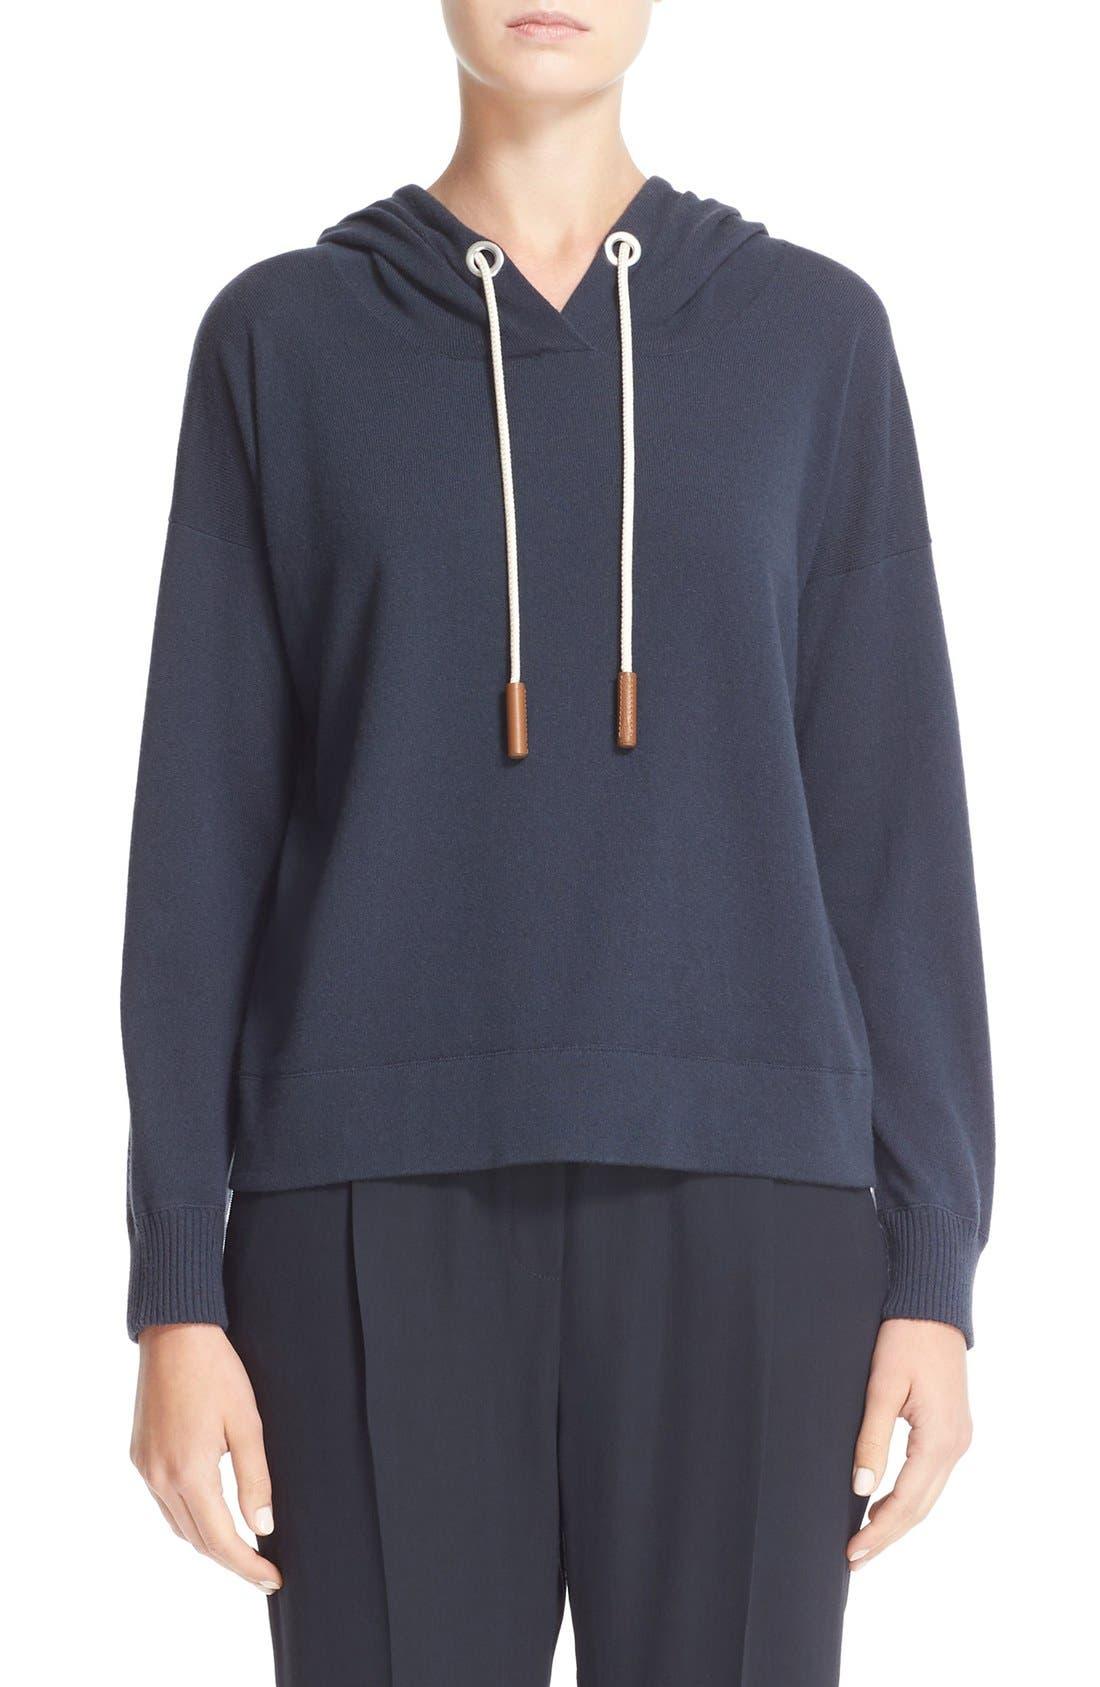 Cashmere Hooded Sweatshirt,                             Main thumbnail 1, color,                             Slate Blue